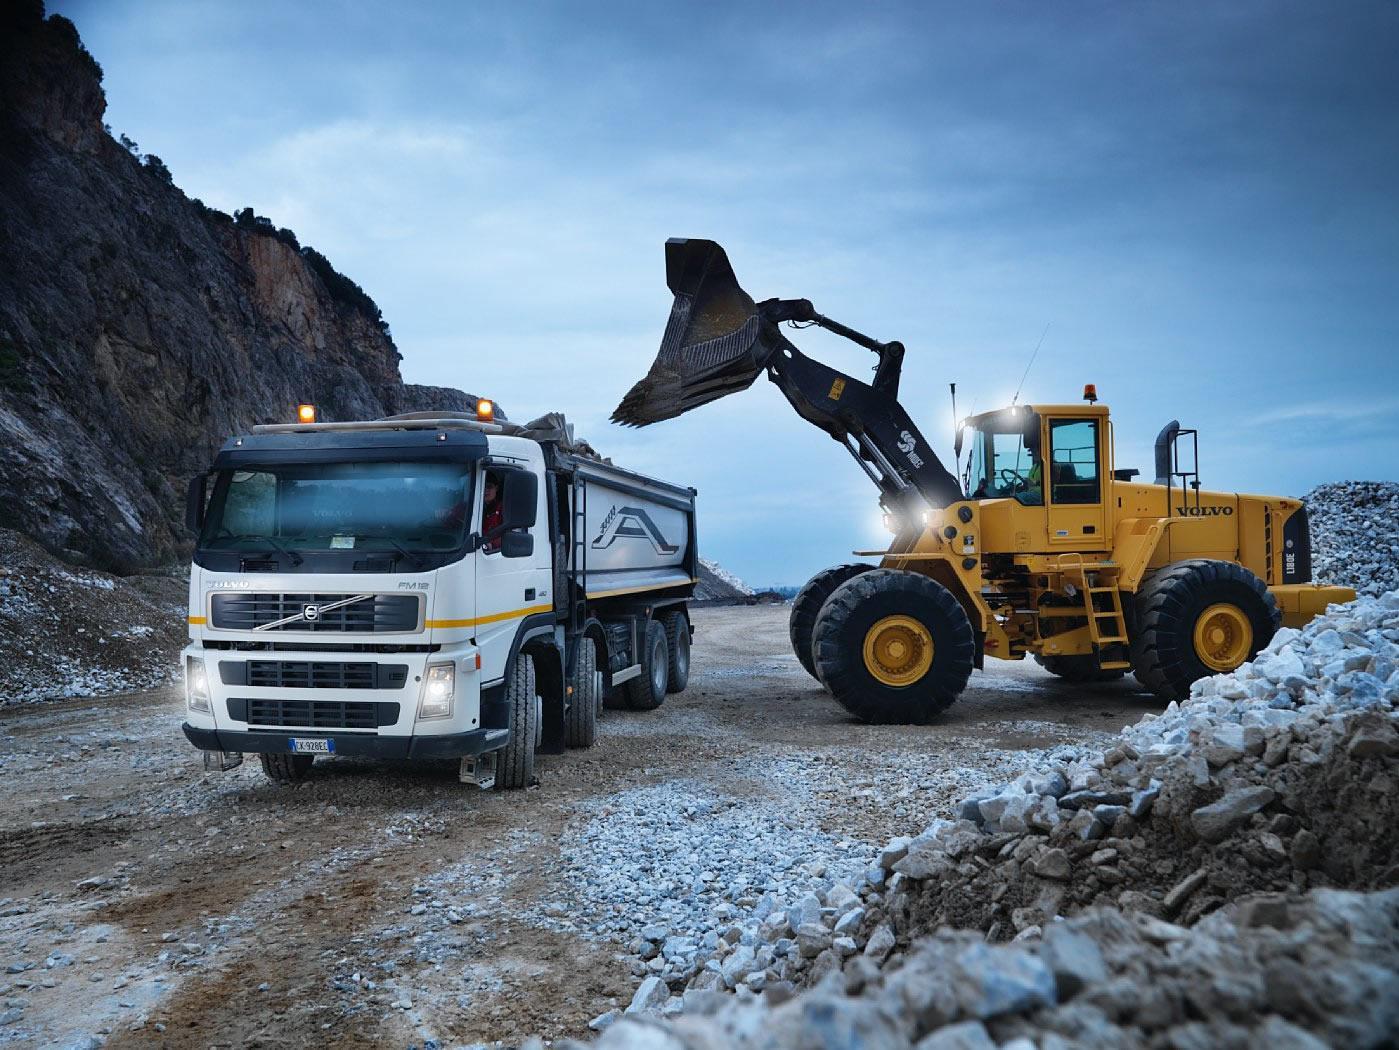 О доставке стройматериалов и вывоз строительного мусора